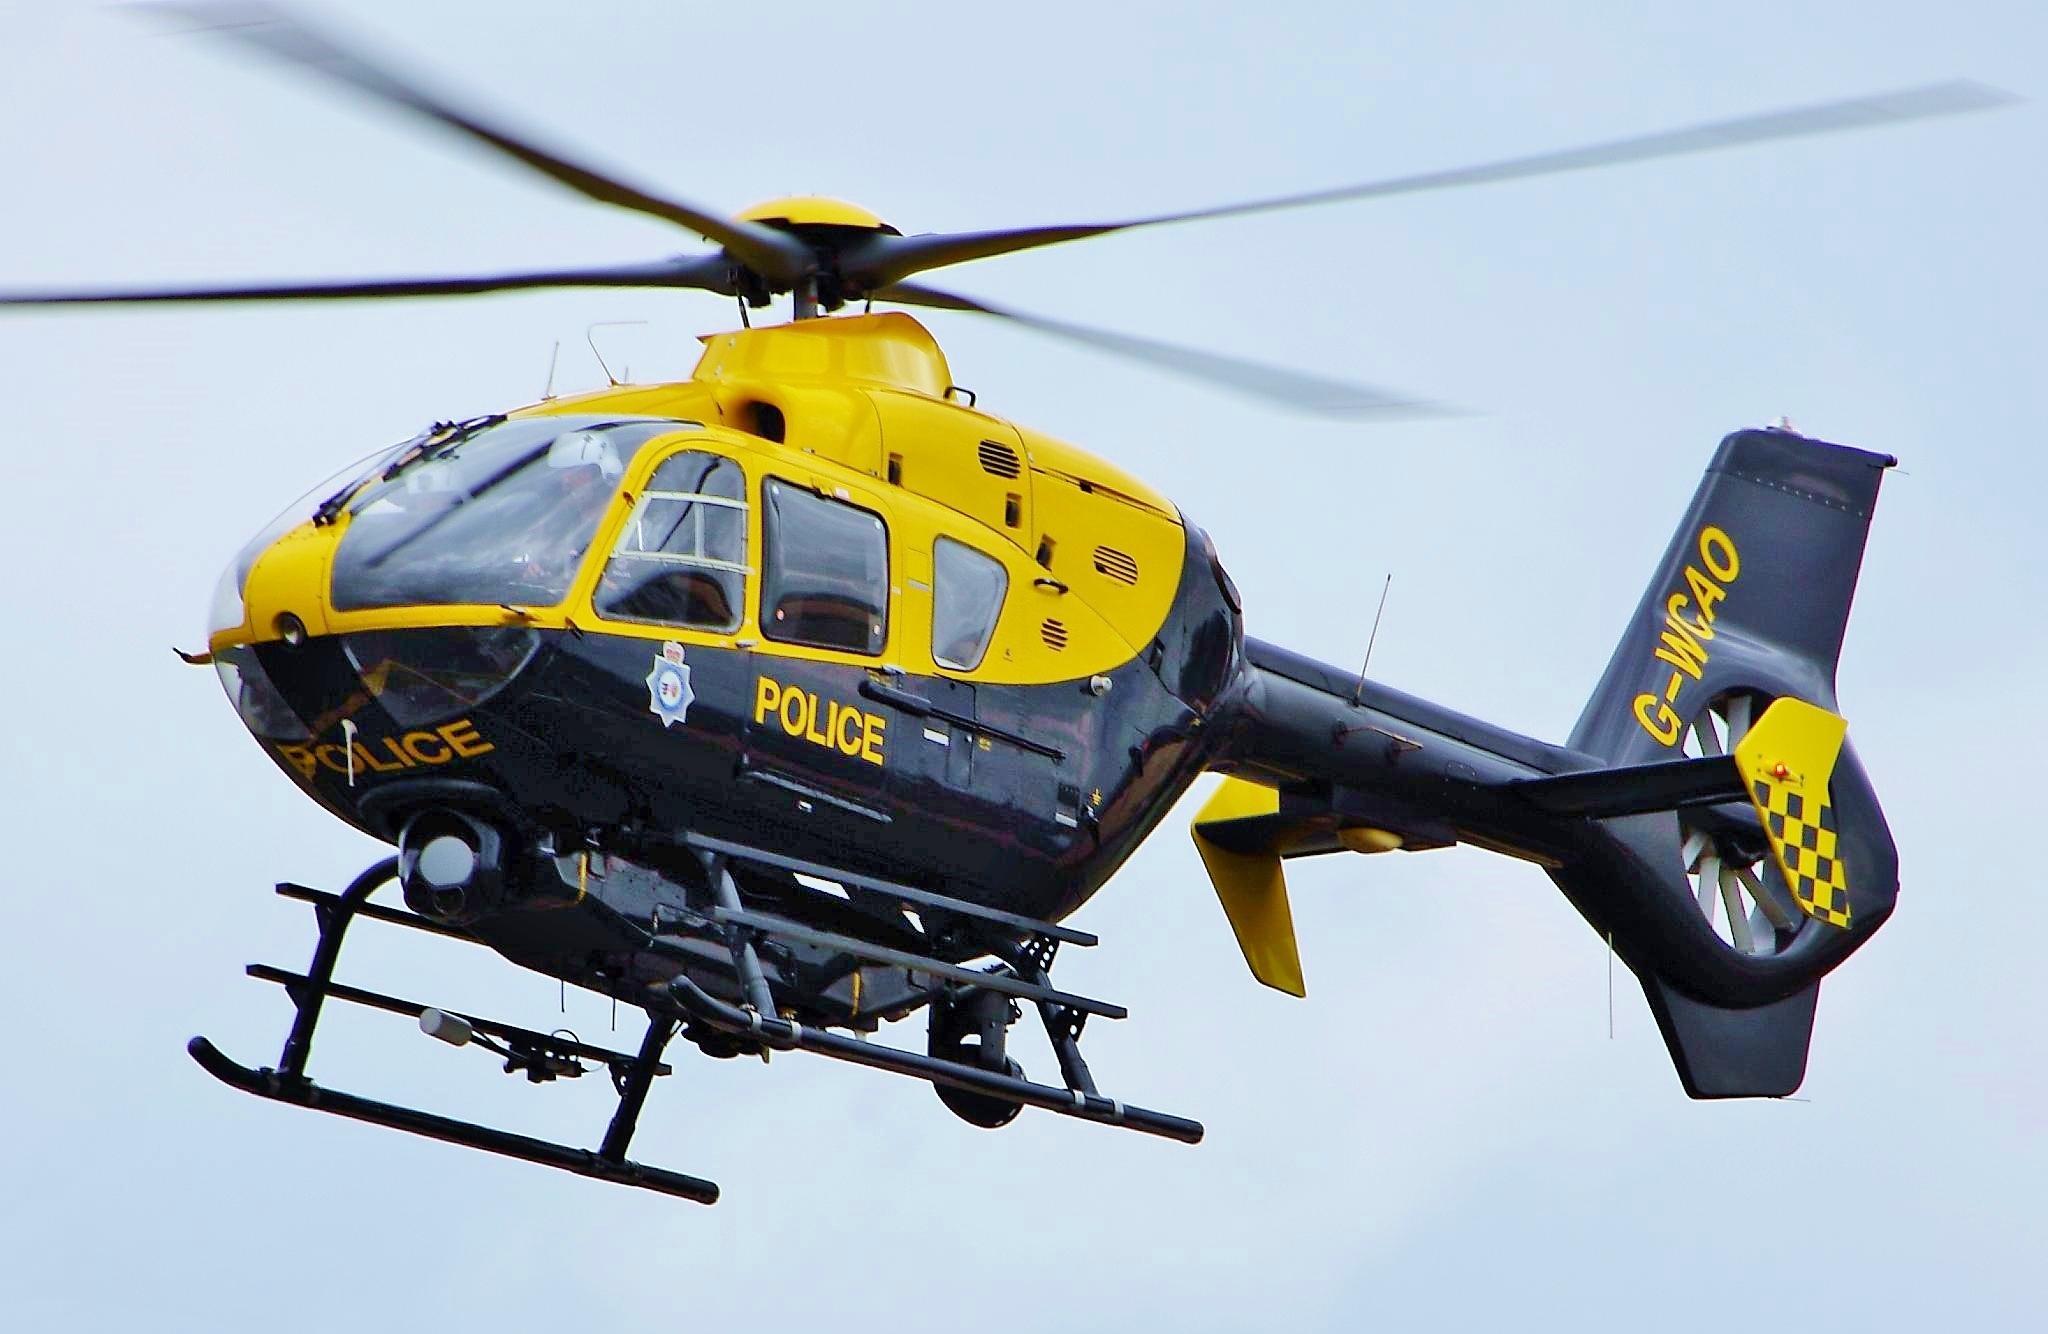 Lezuhant egy francia mentőhelikopter az Alpokban, öten meghaltak